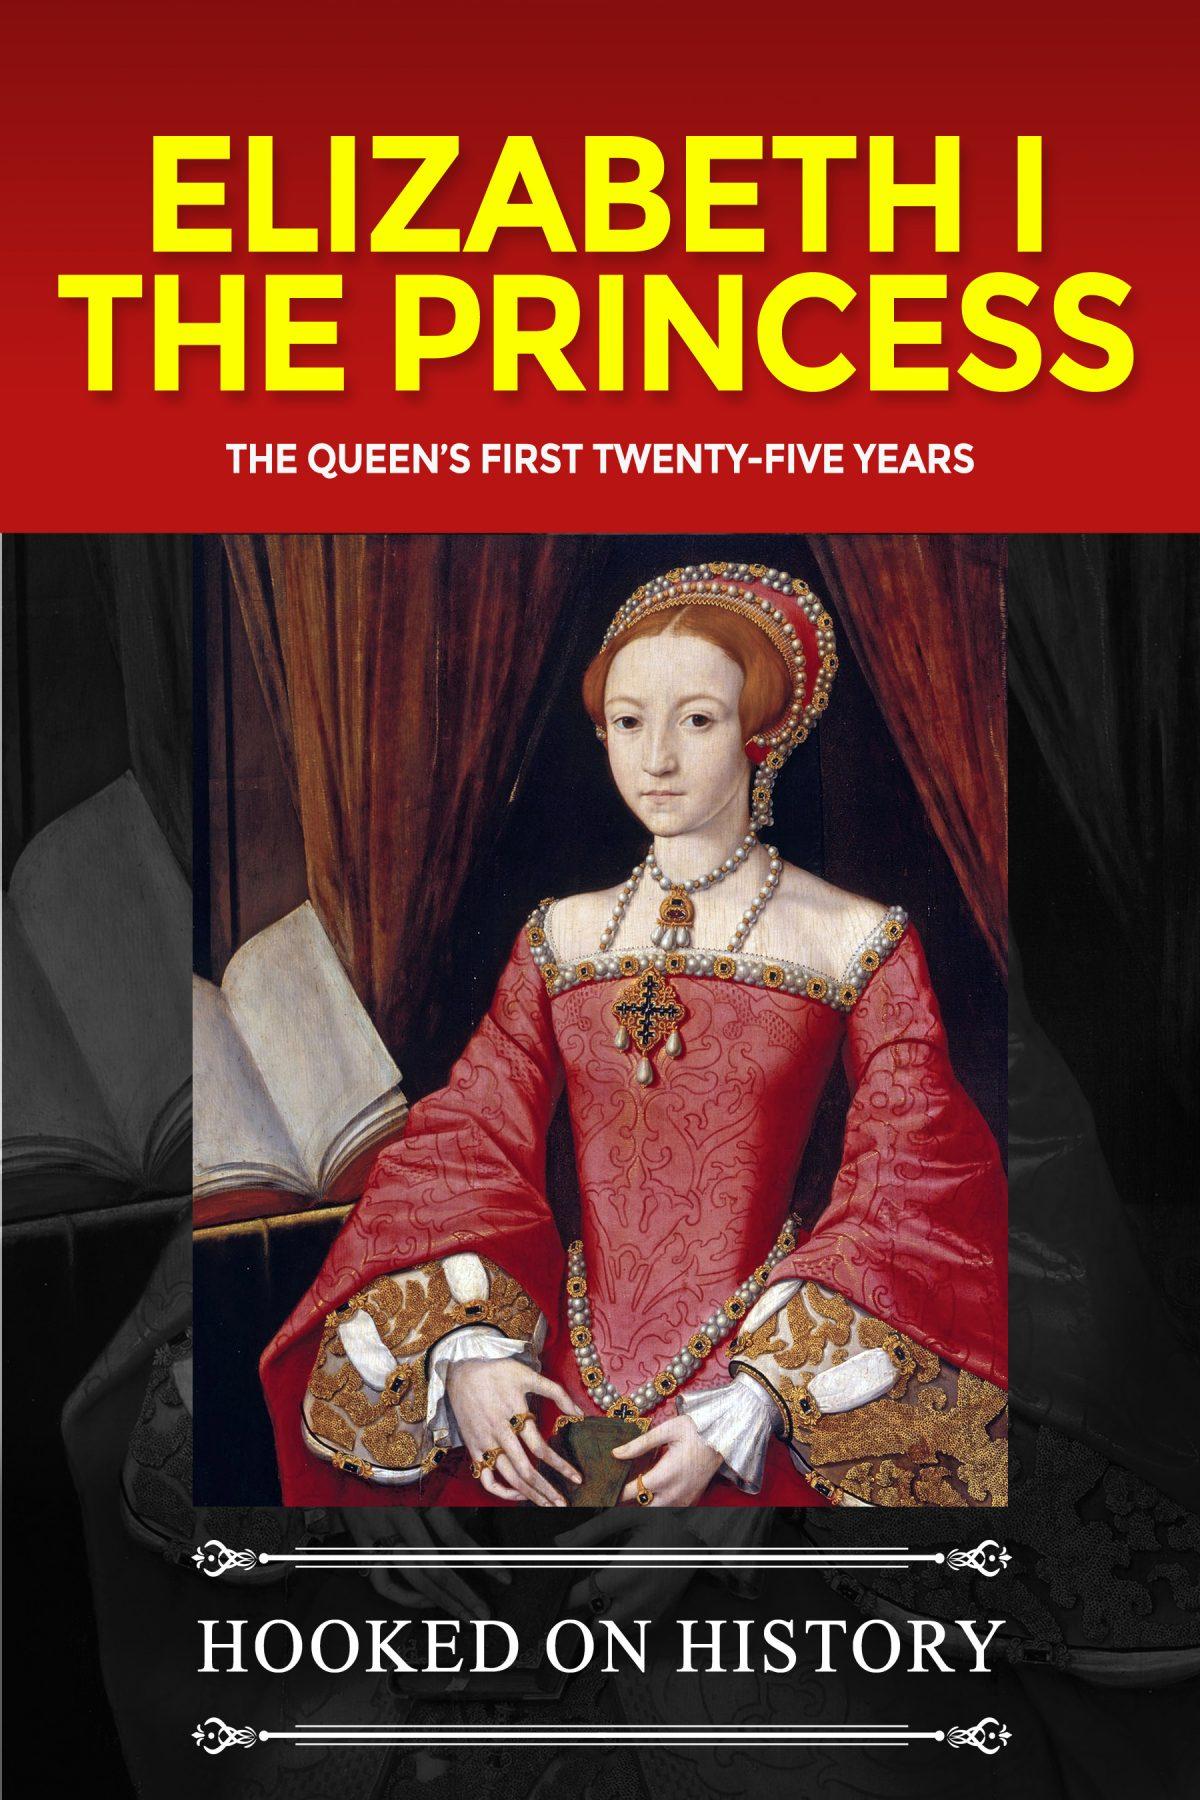 Elizabeth I Biography One Hour Read